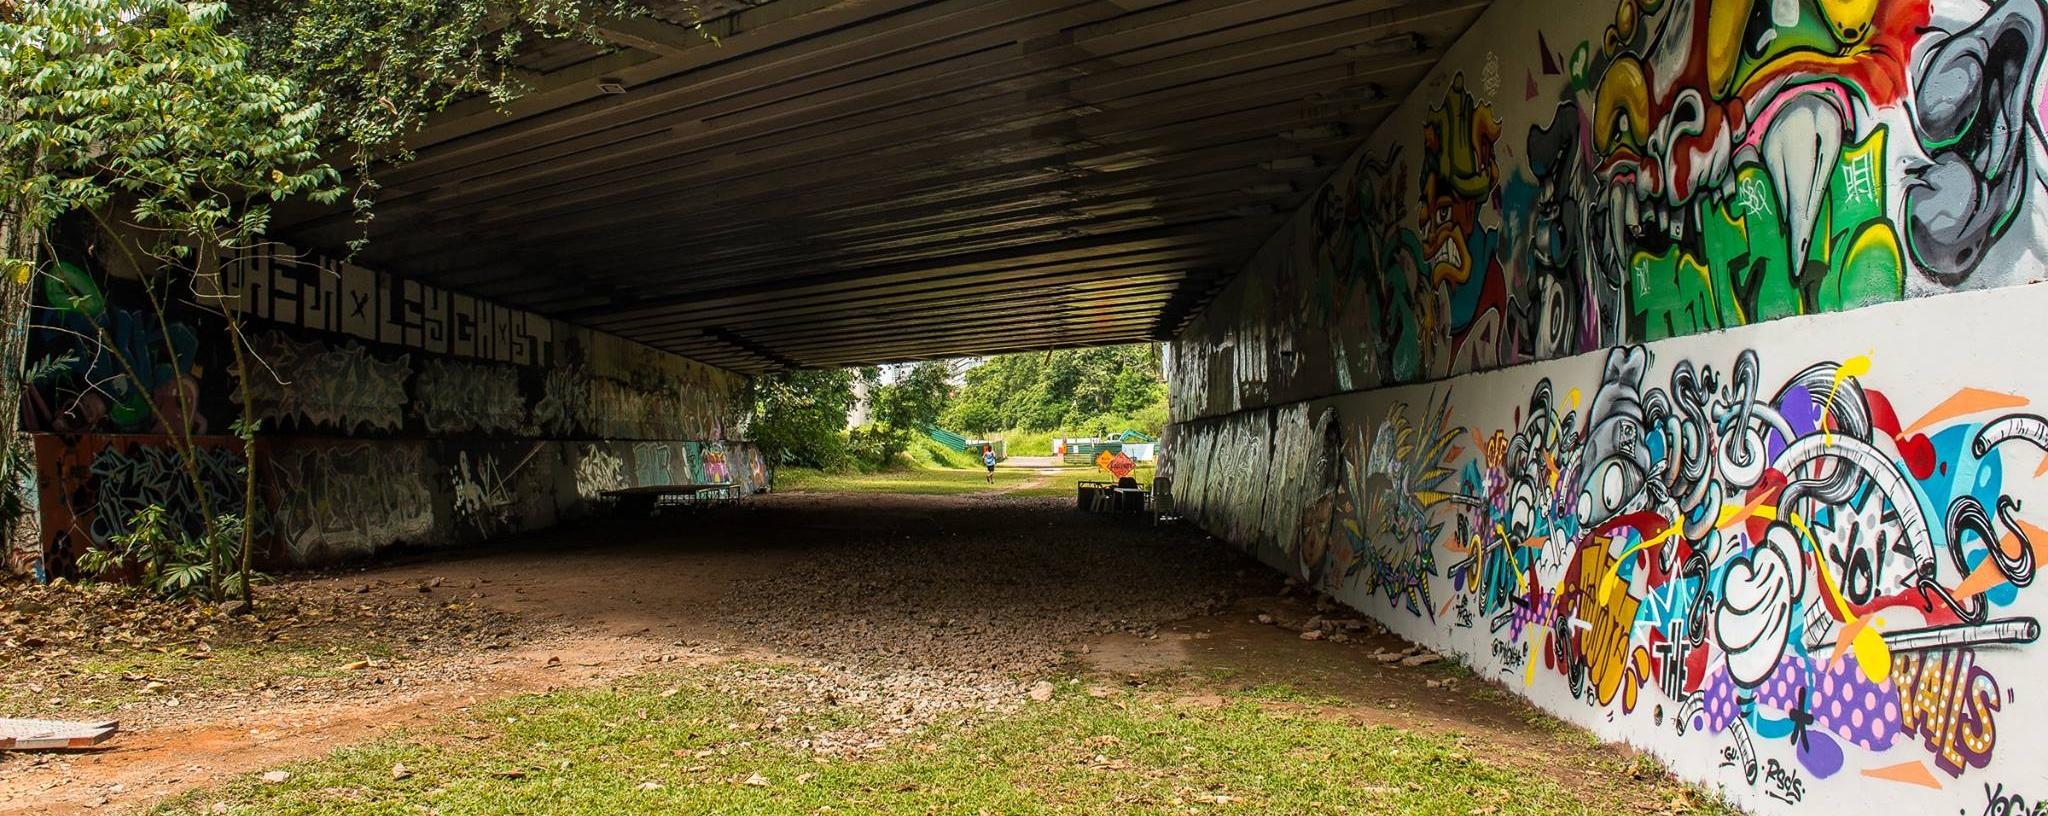 Rail Corridor Art Space